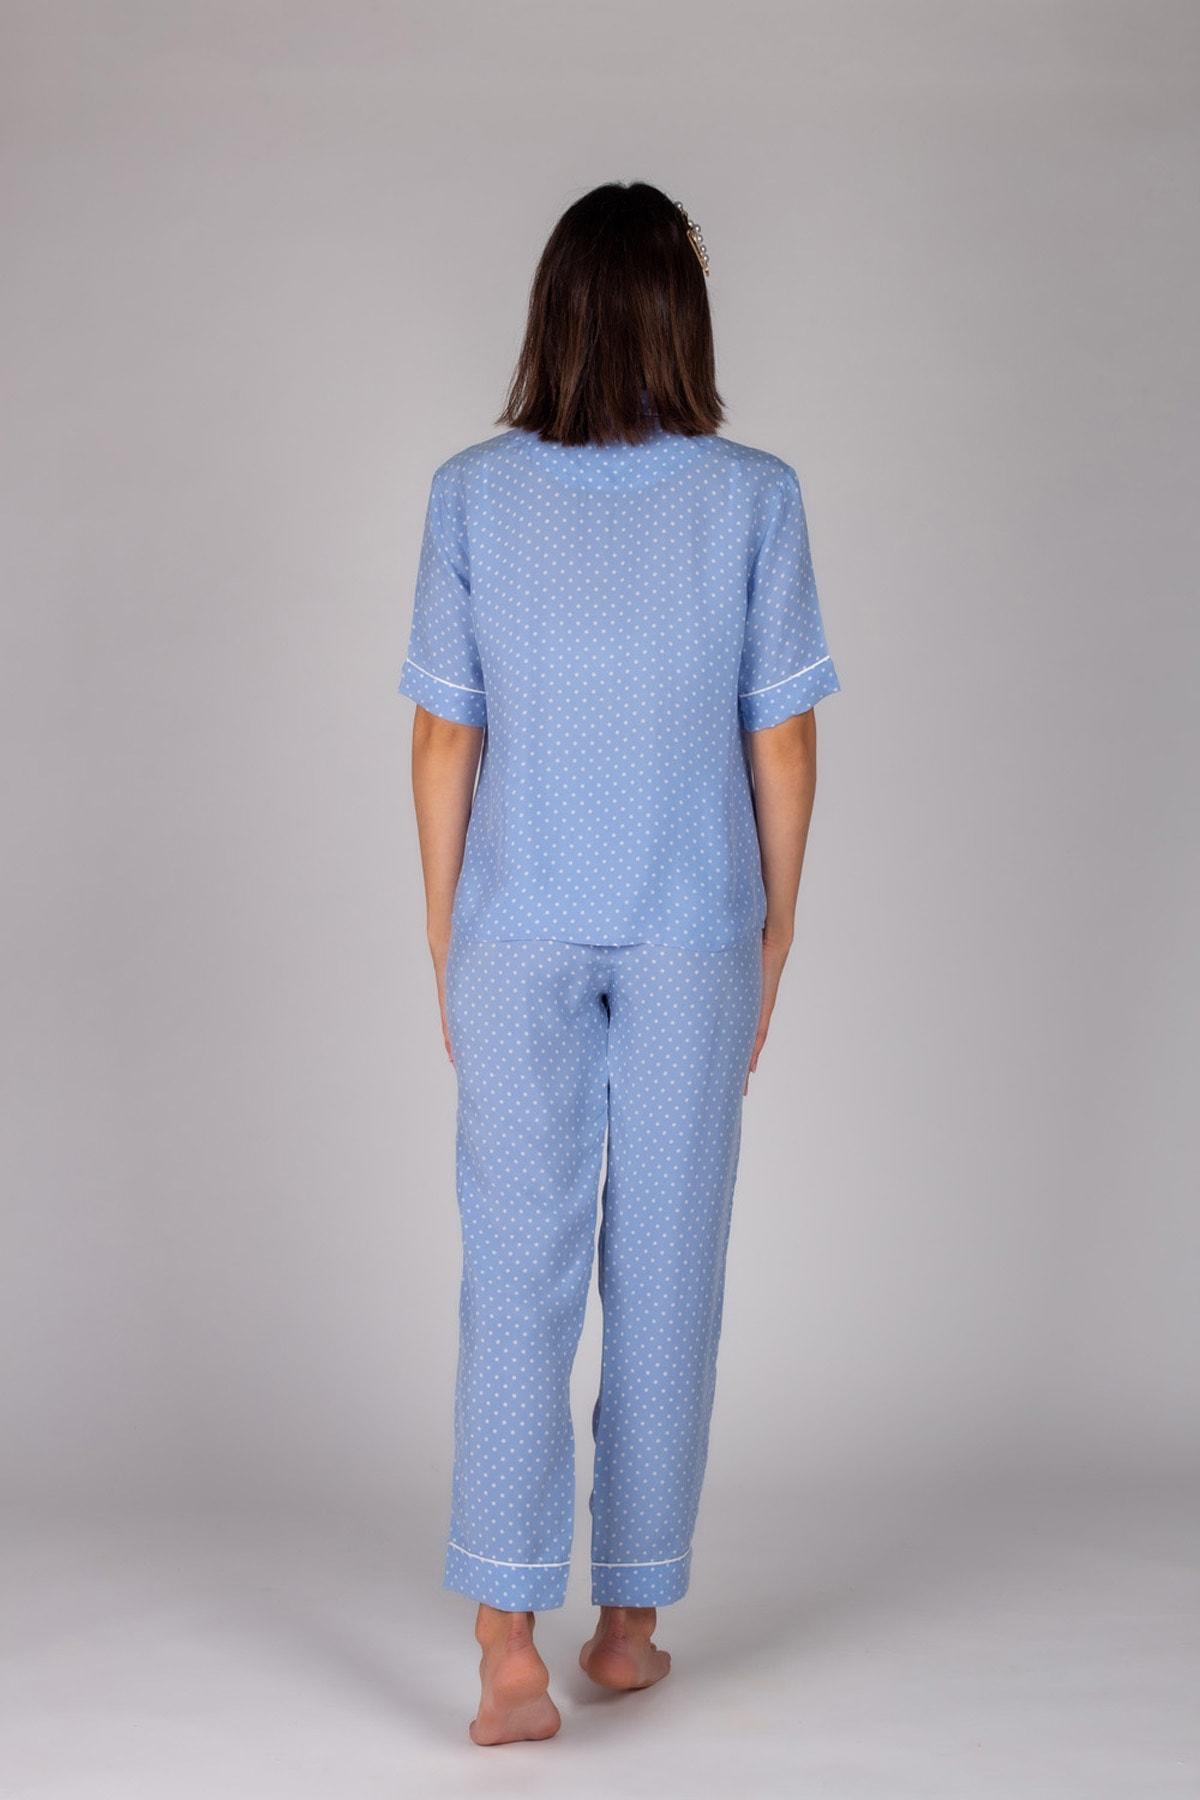 Hays Kadın Mavi Puan Baskılı Gömlek 2